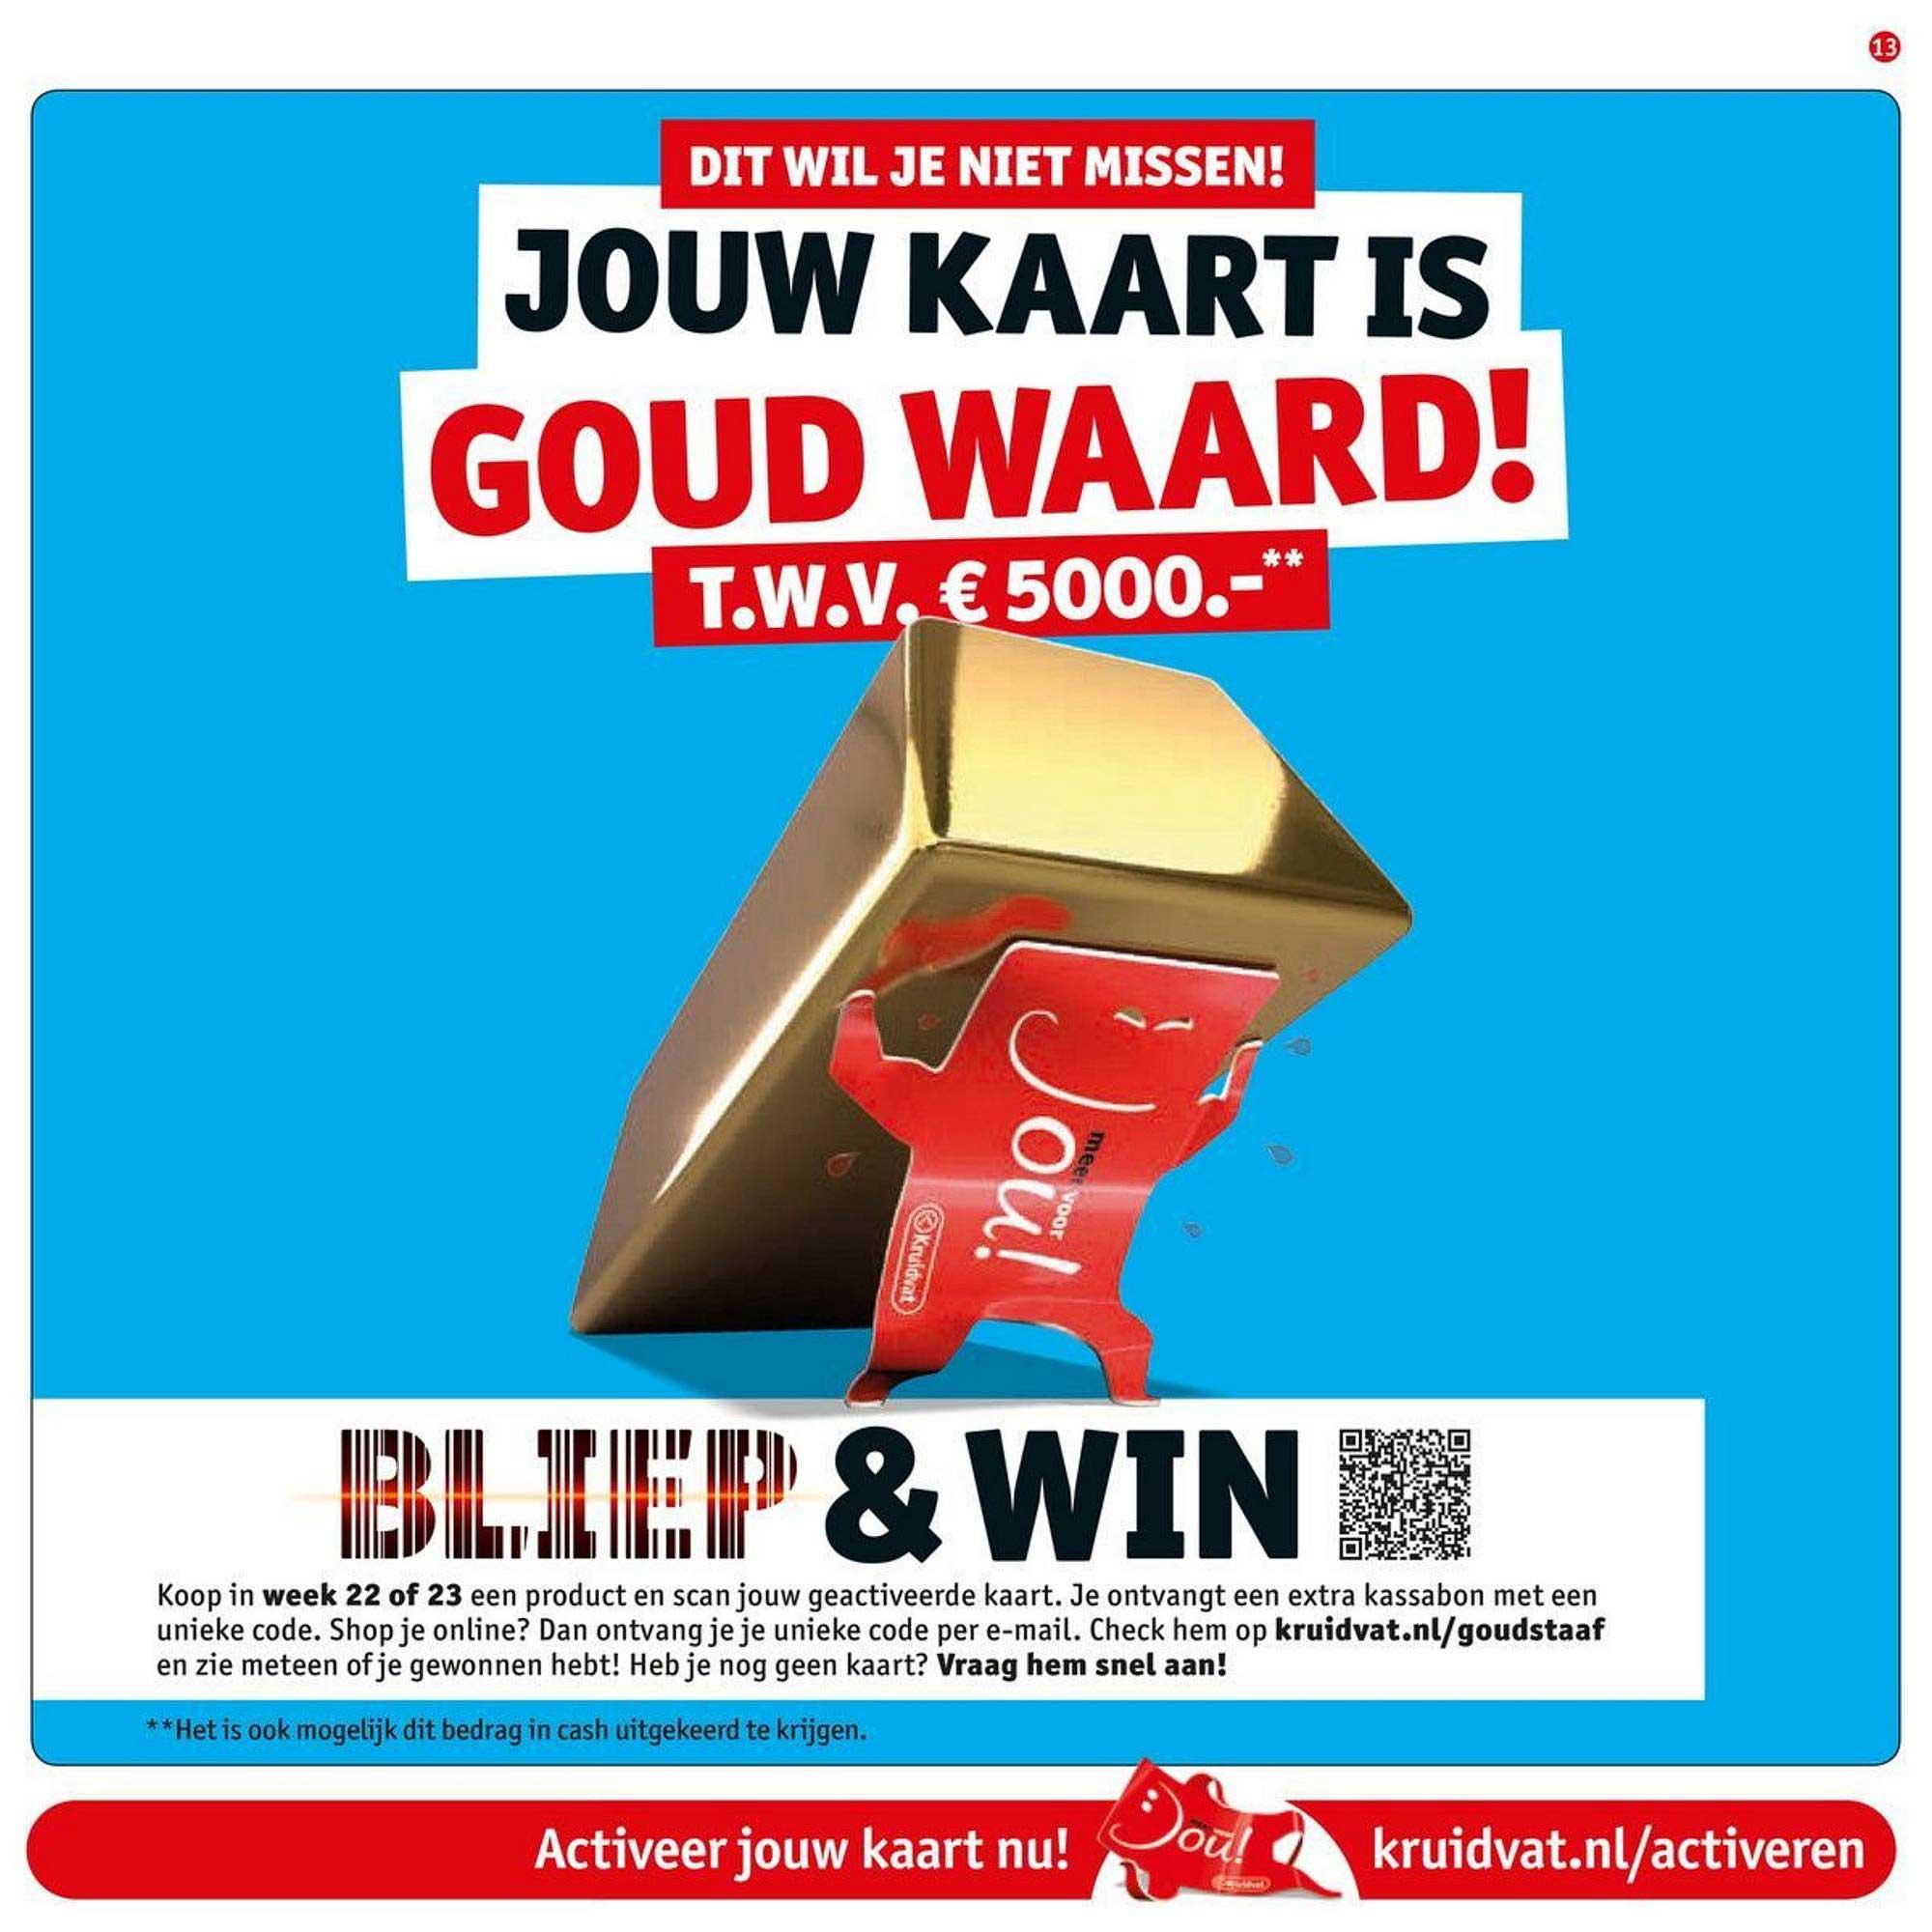 Kruidvat Jouw Kaart Is Goud Waard! T.w.v. €5000.-**